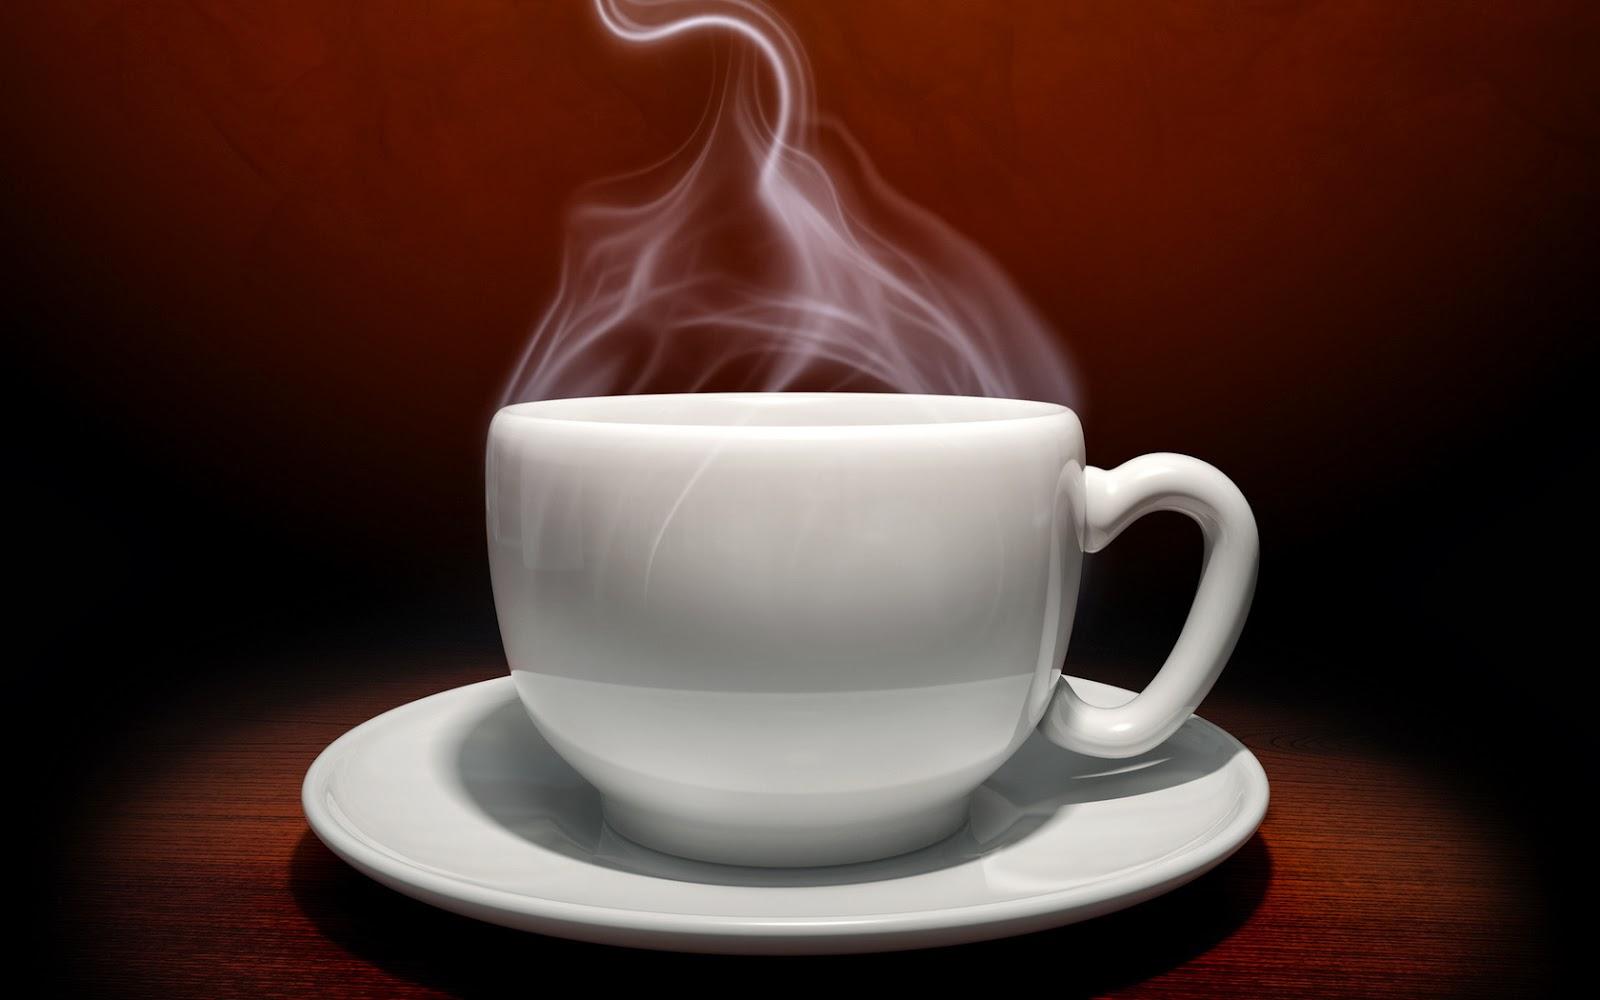 Fotos de tazas de caf fotos bonitas de amor im genes for Tazas para te